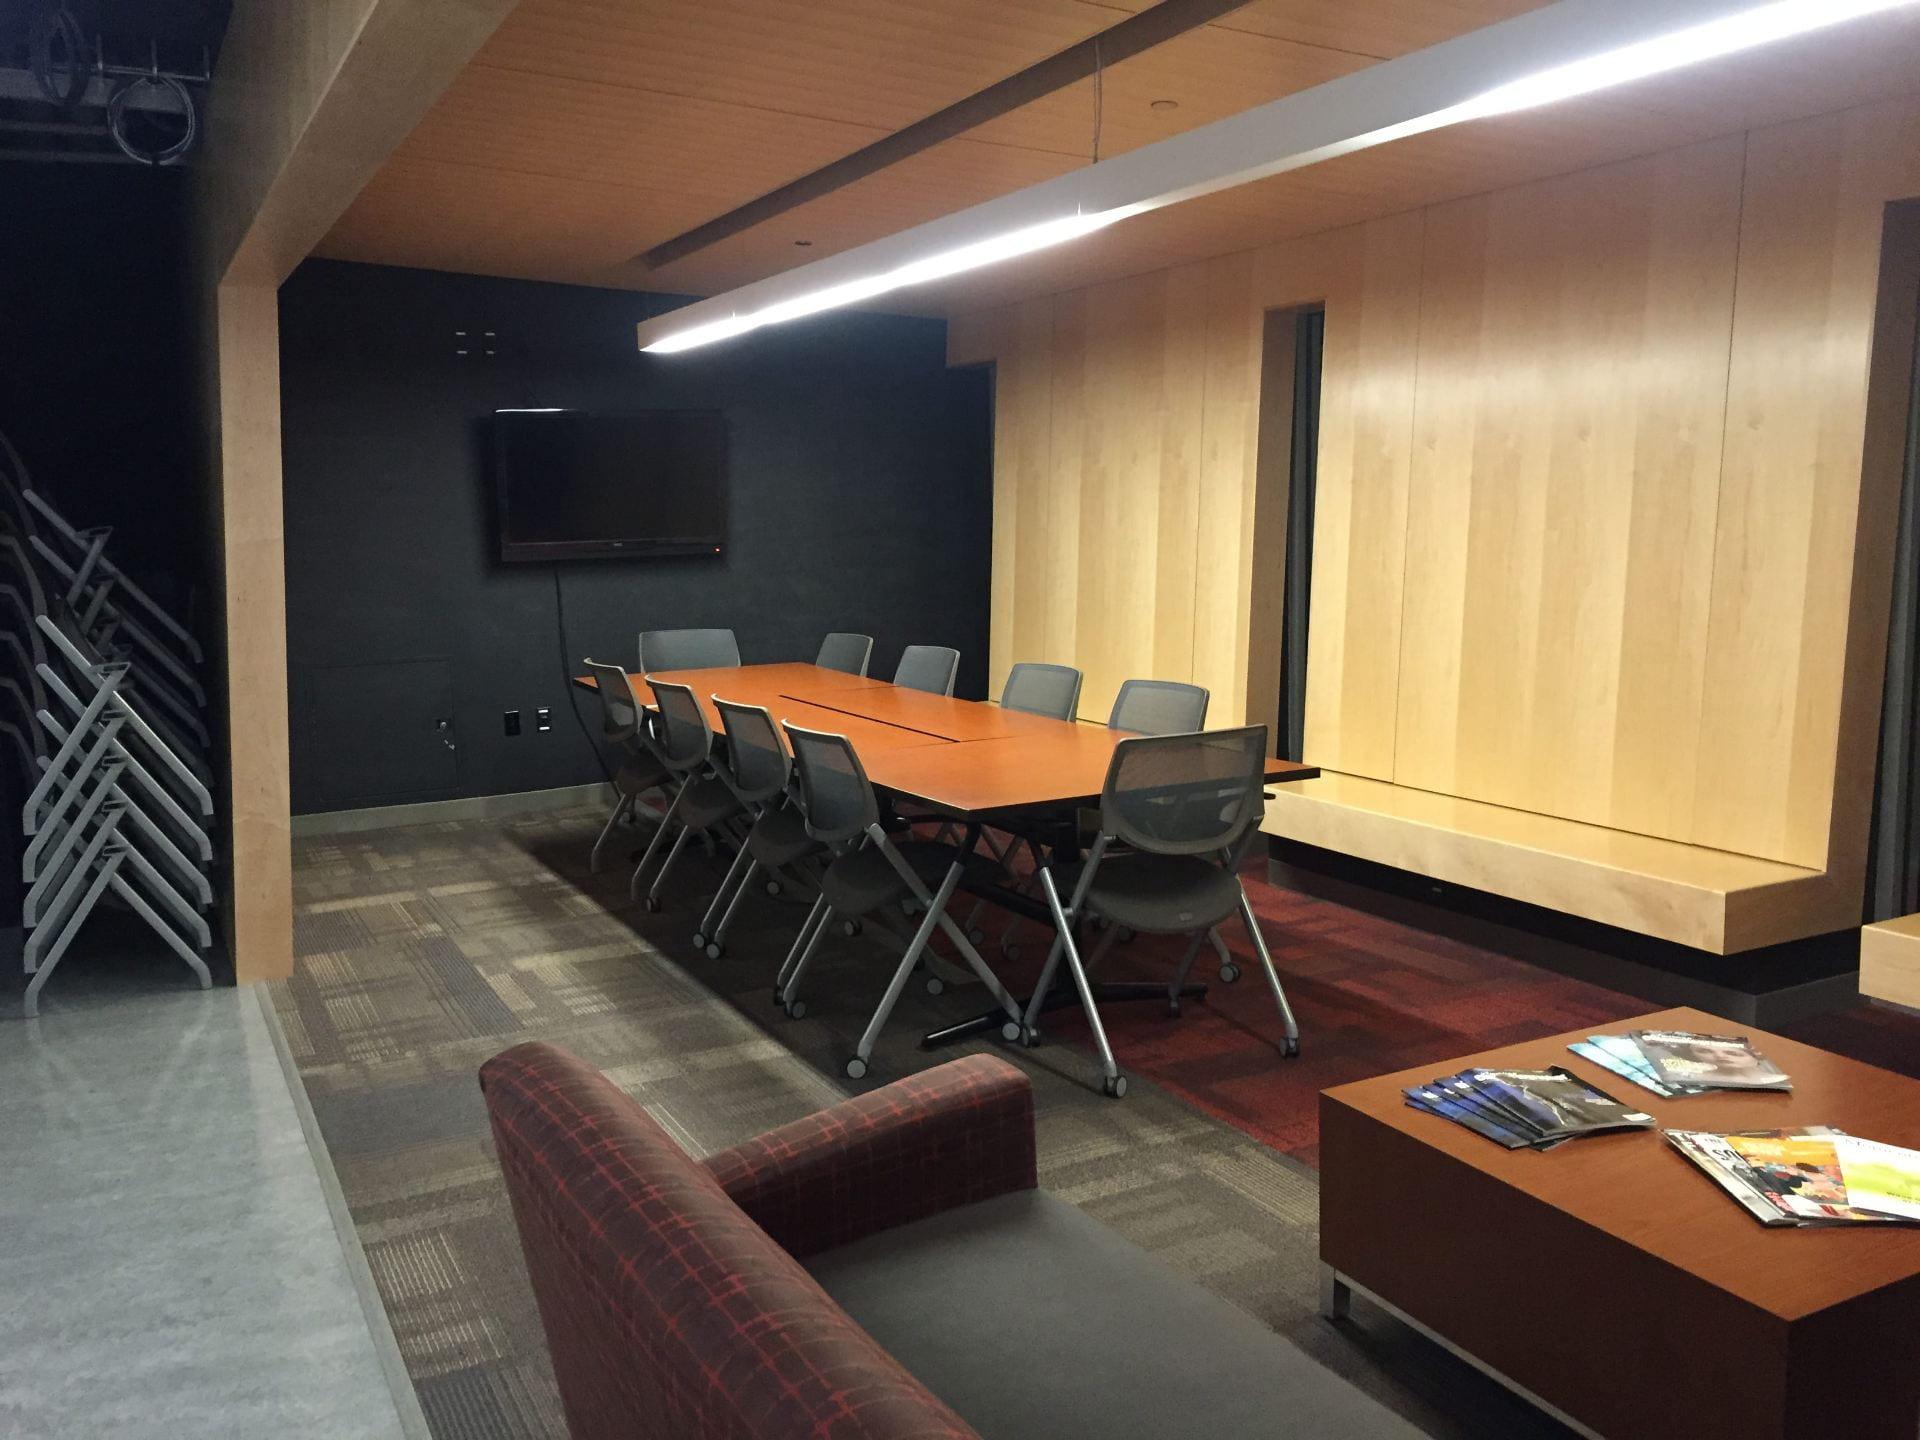 Harvey Media Center